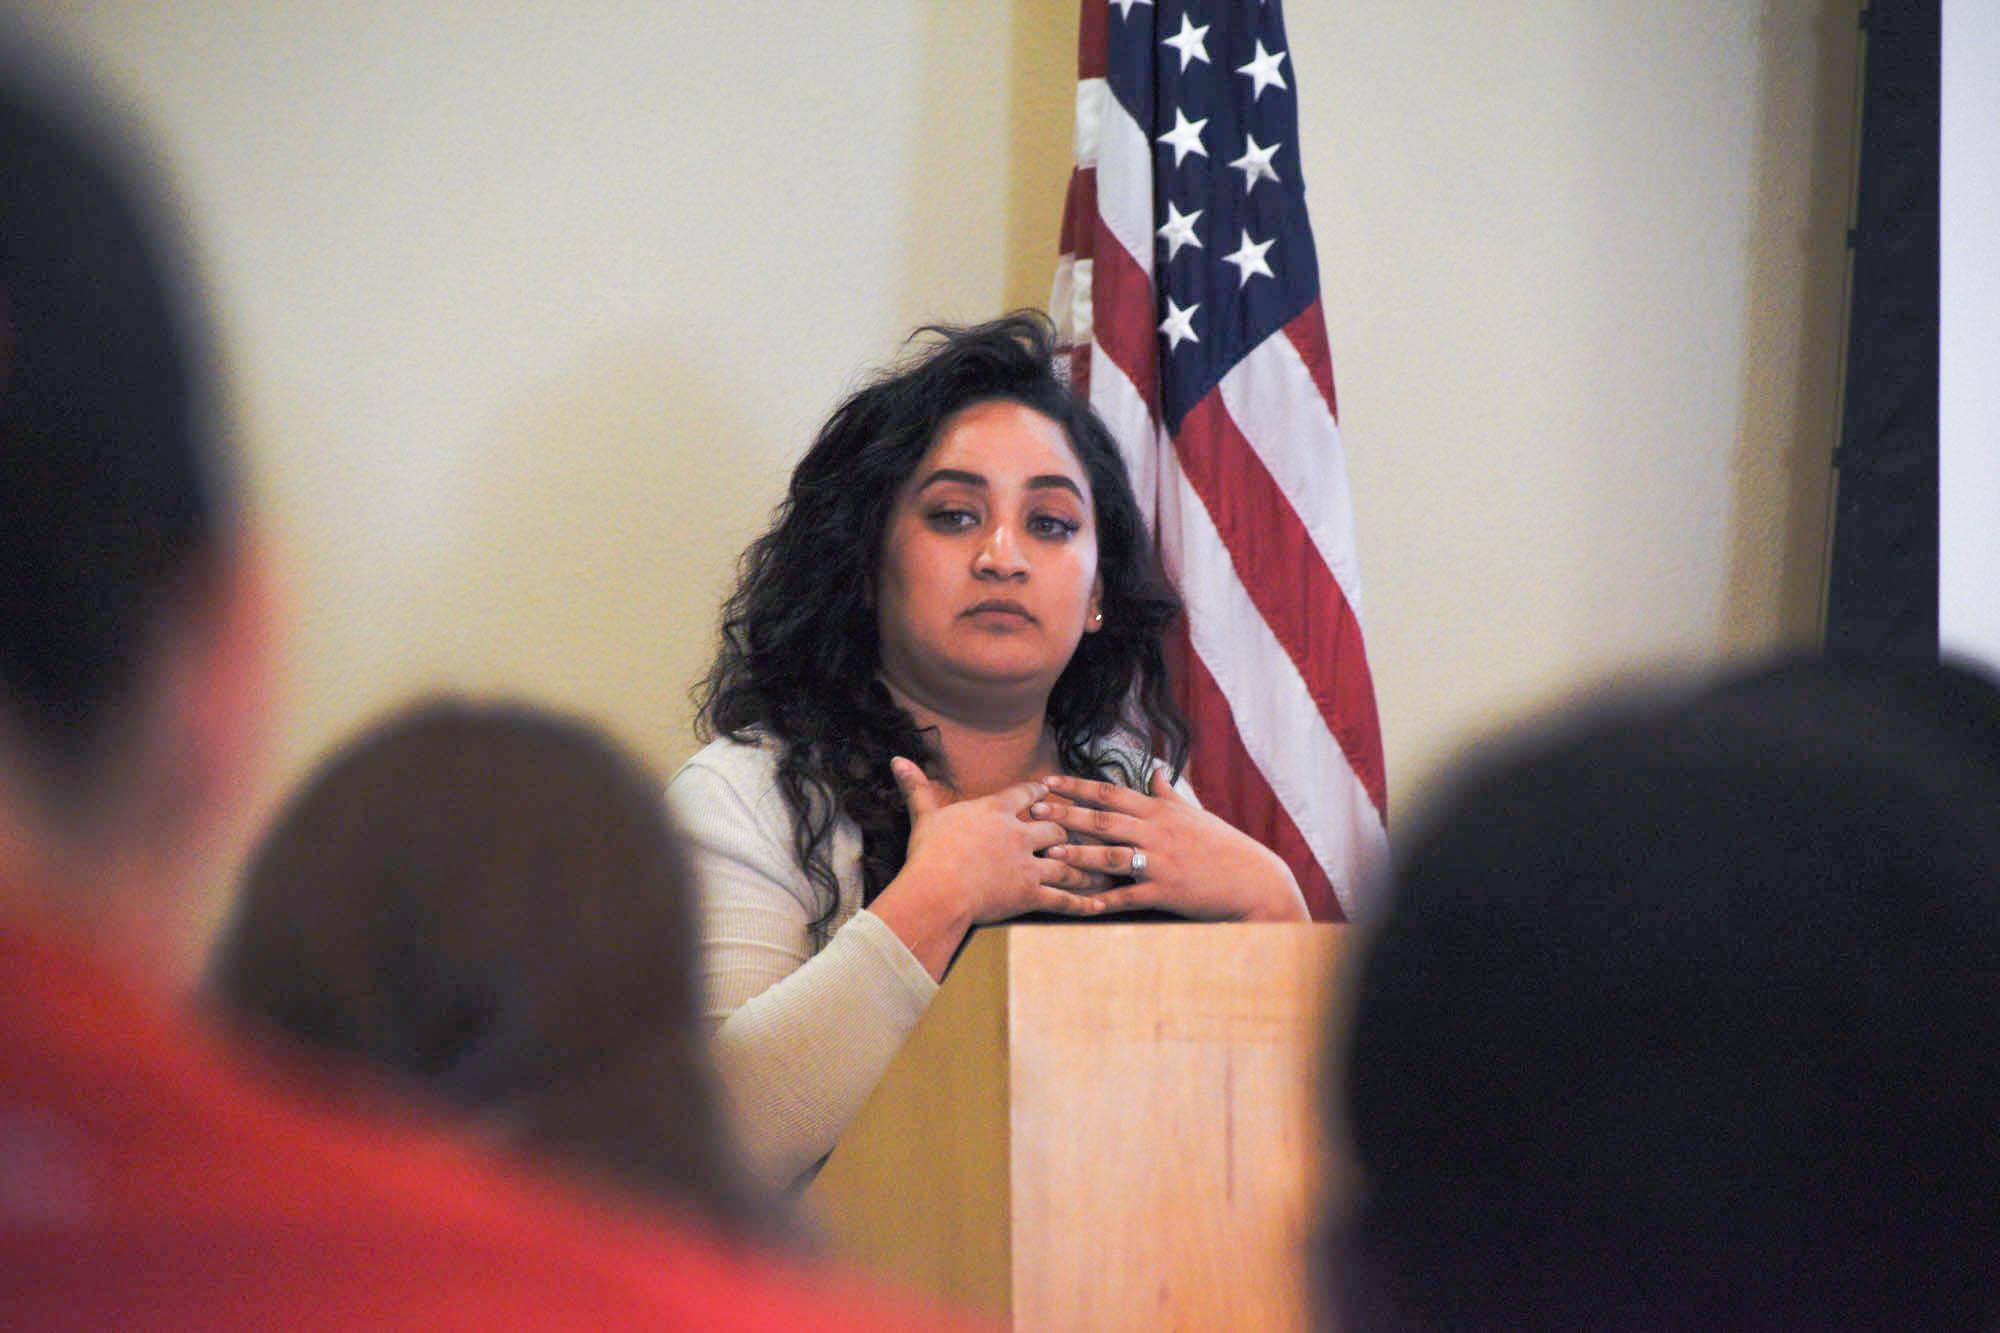 Speaking on bullying awareness